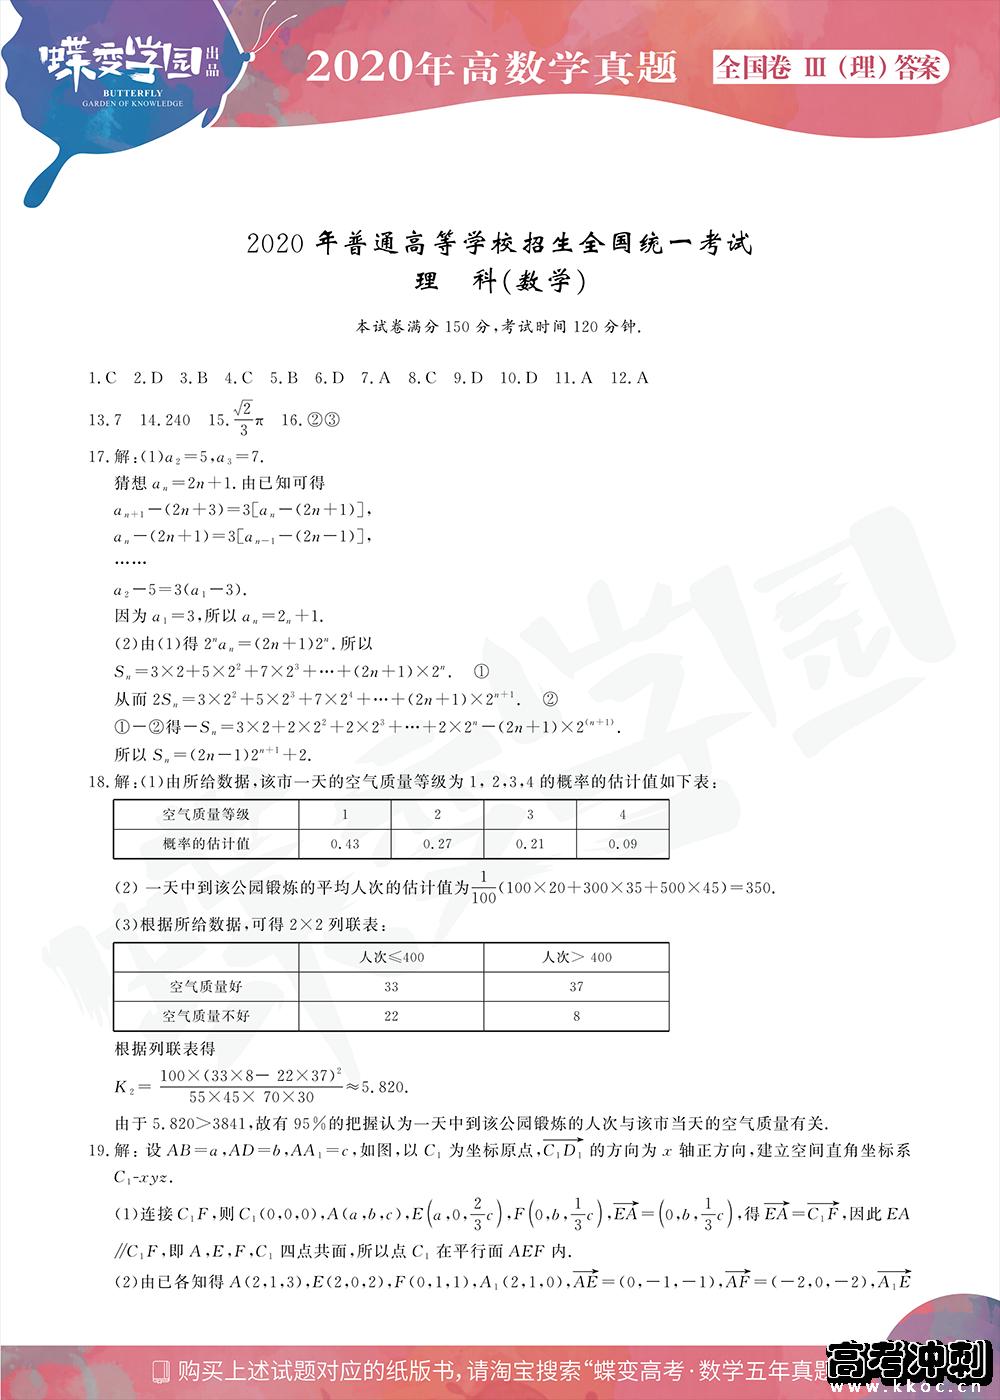 2020年全国3卷高考理科数学试题答案【